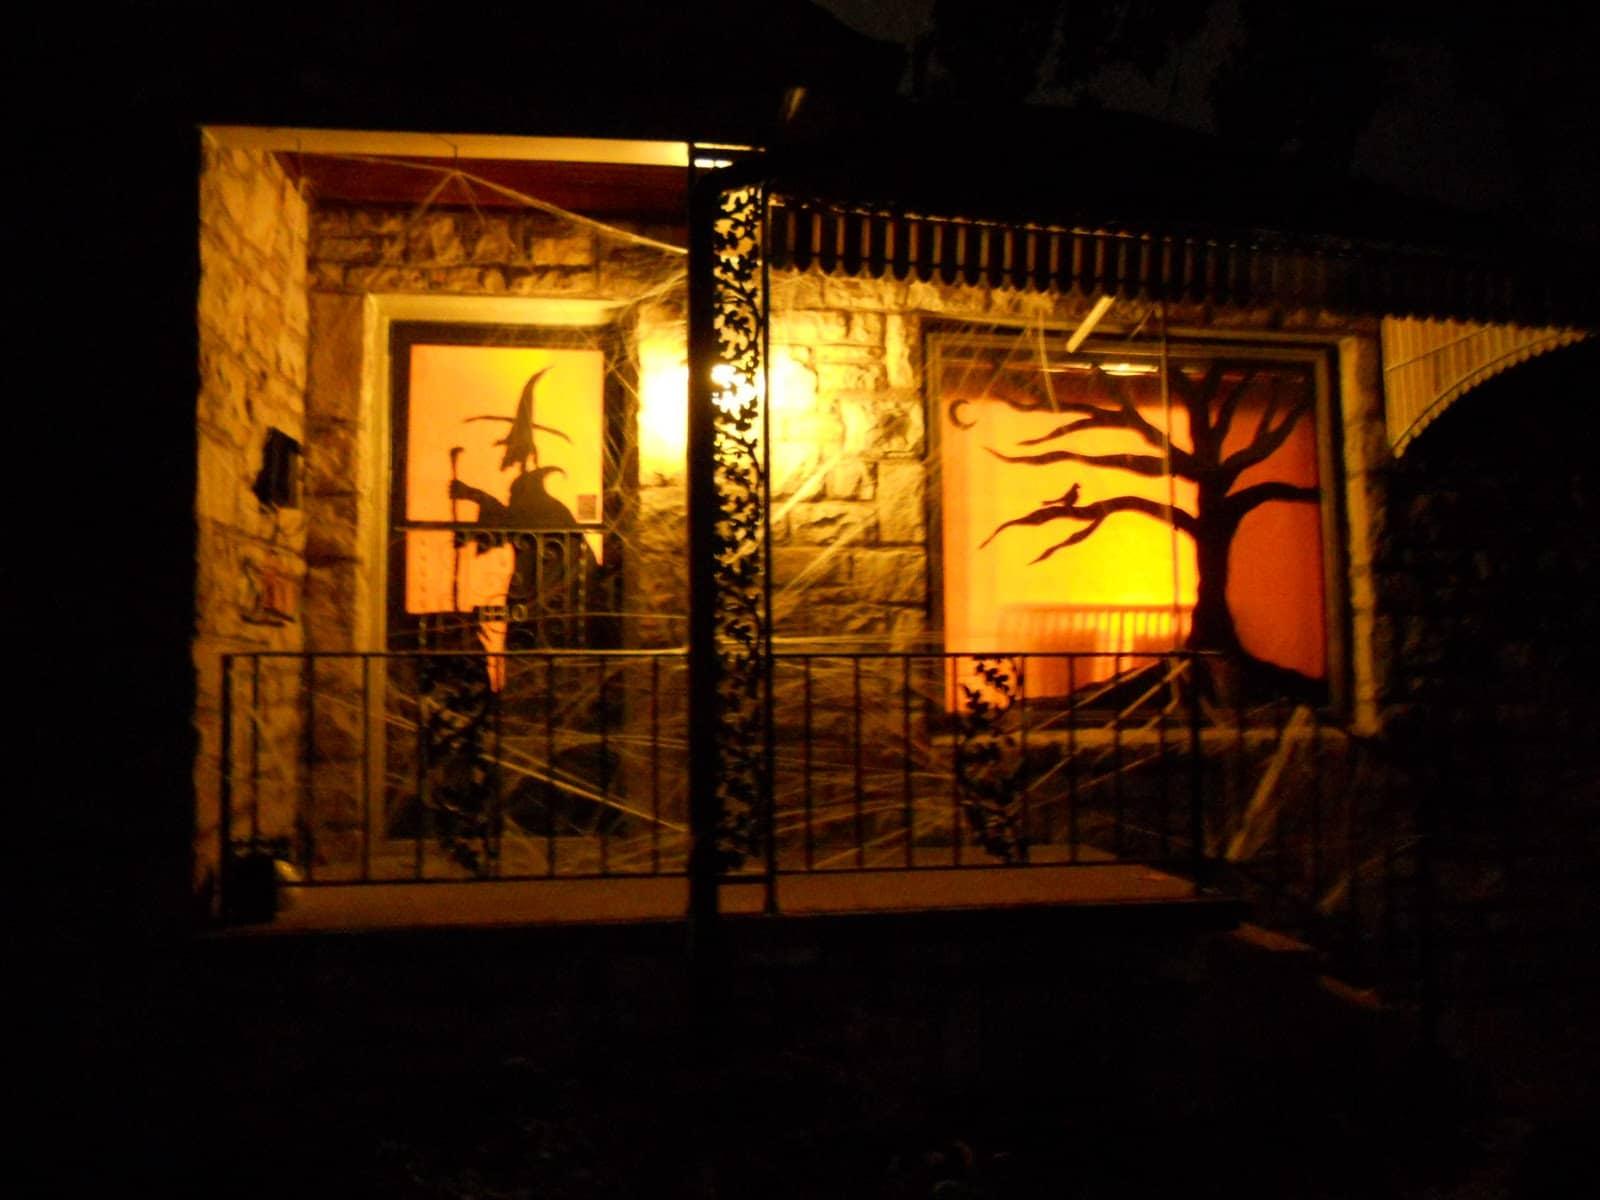 25 id es de d coration pour halloween nos conseils et astuces. Black Bedroom Furniture Sets. Home Design Ideas